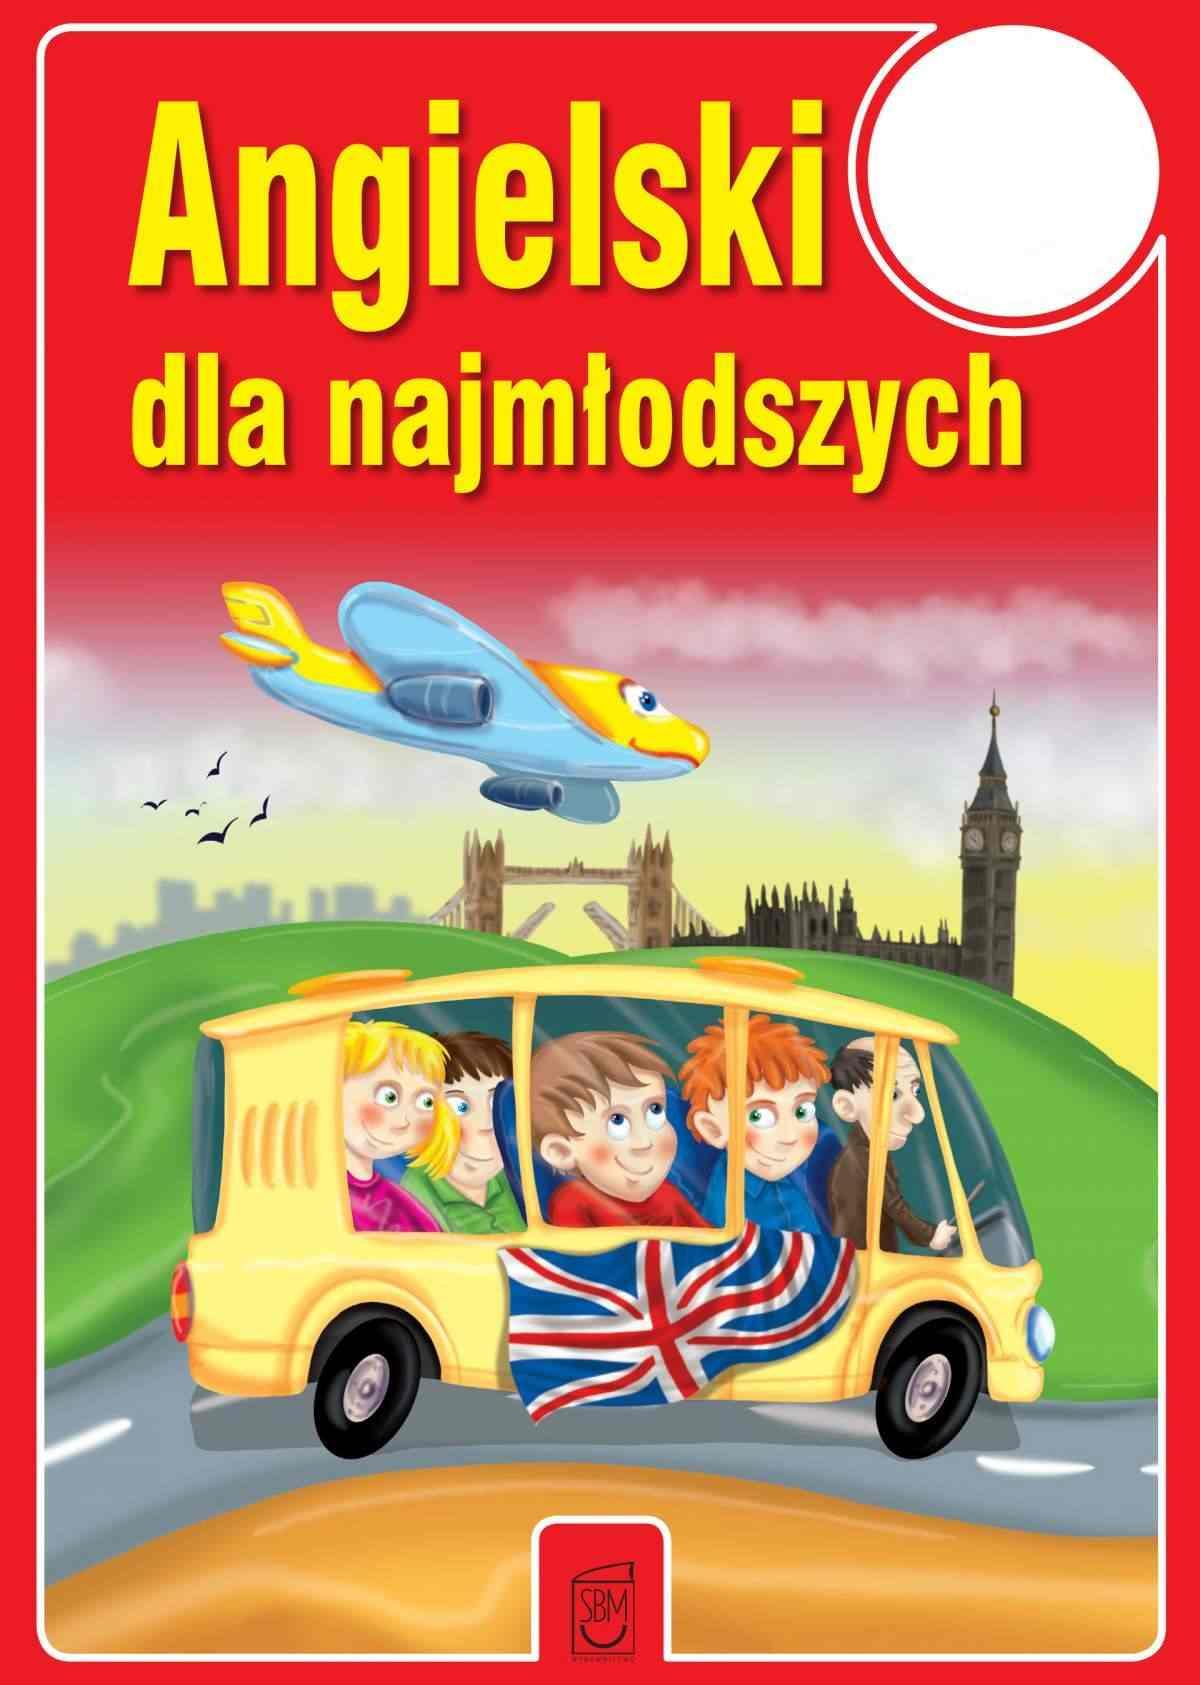 Angielski dla najmłodszych - Ebook (Książka PDF) do pobrania w formacie PDF